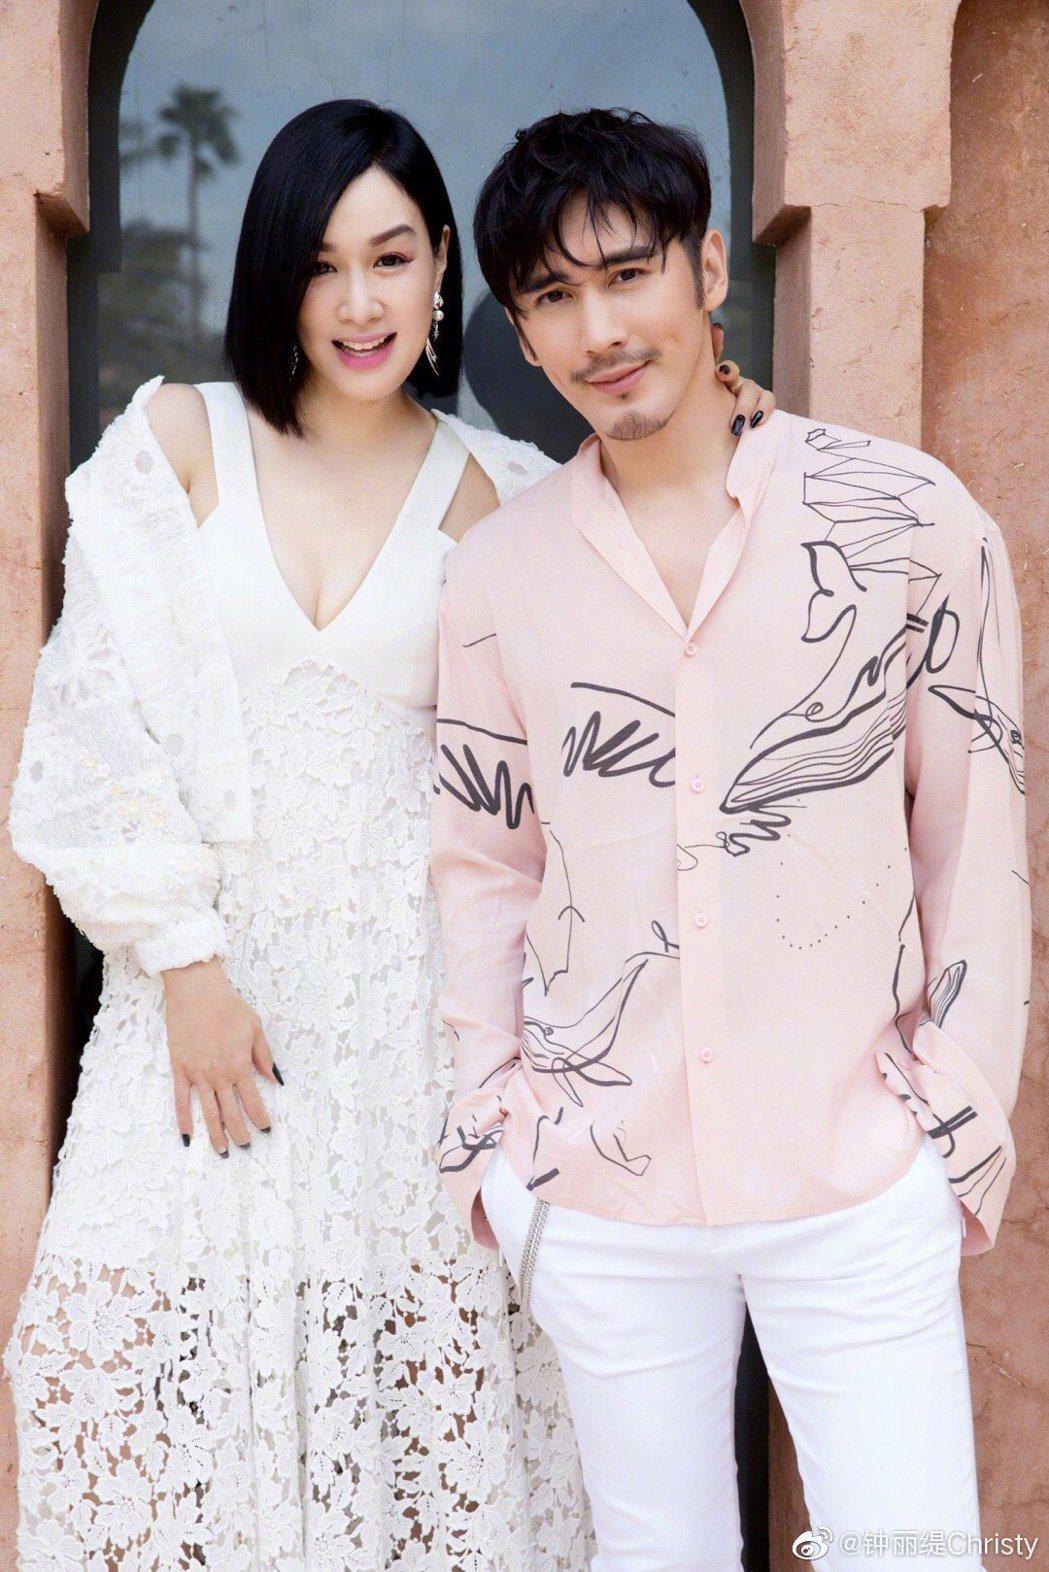 鍾麗緹(左)與丈夫張倫碩(右)結婚4年,感情依舊甜蜜。圖/摘自微博